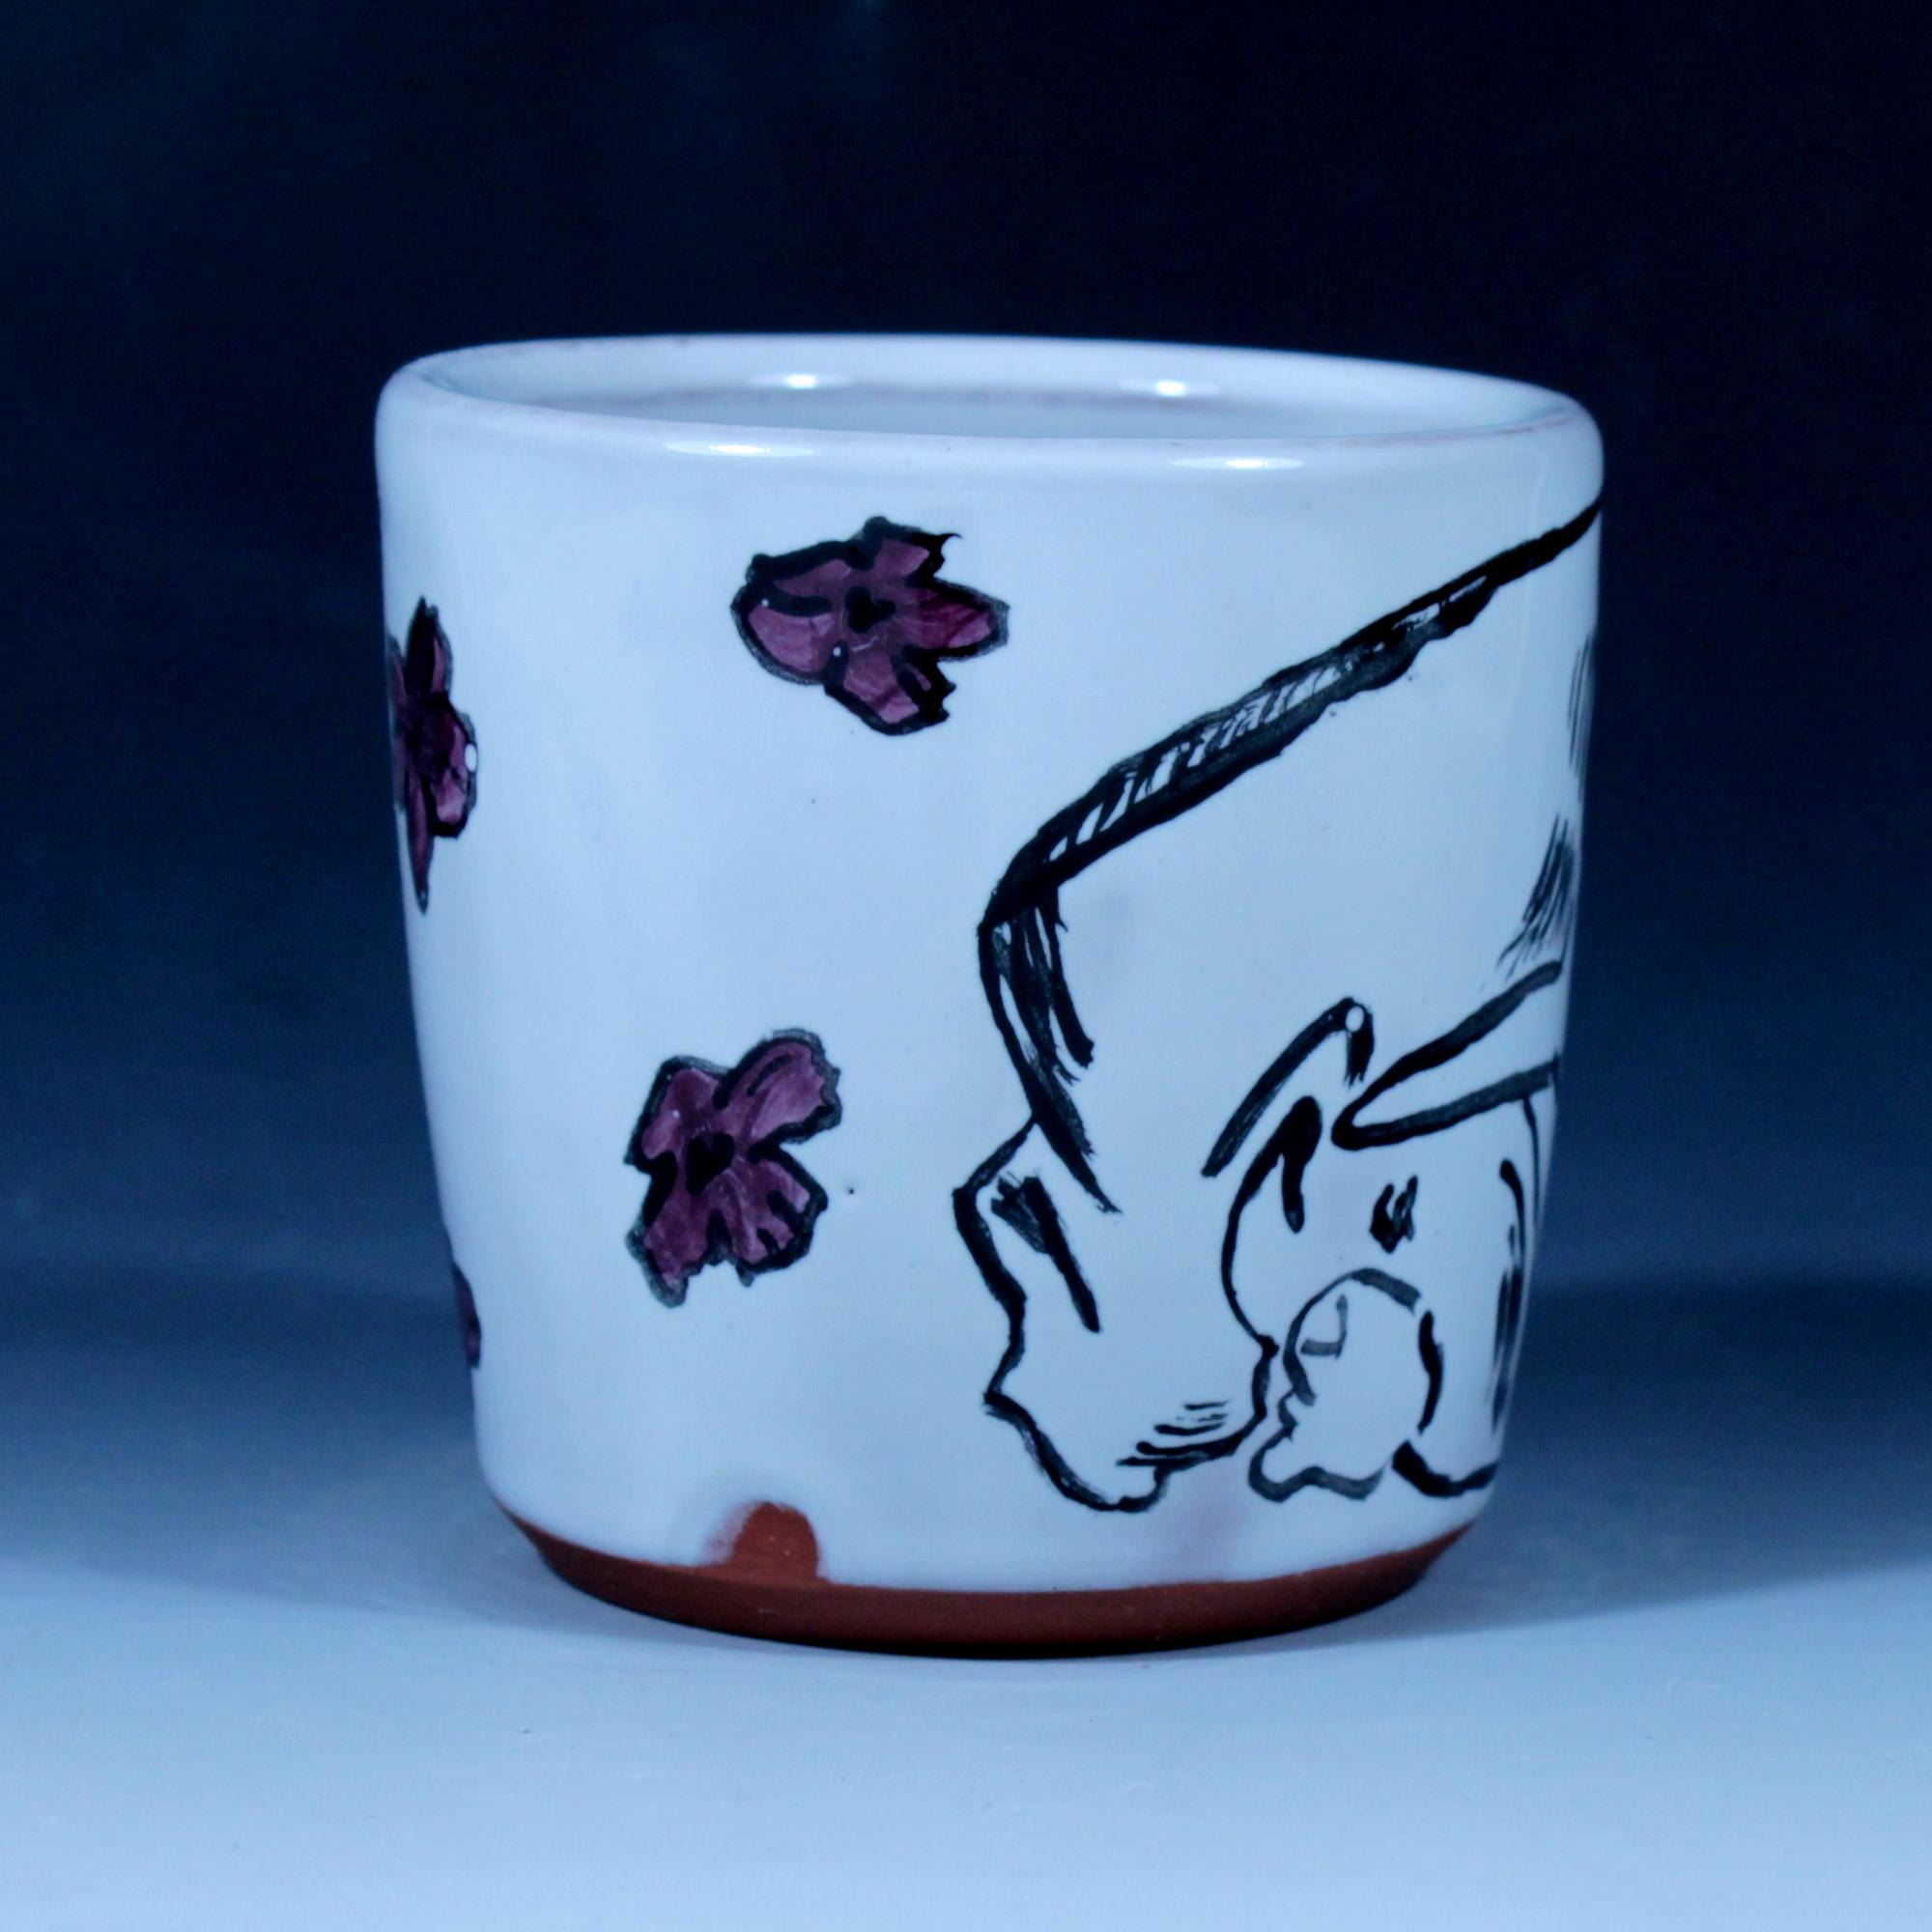 cupbearviolet01.JPG